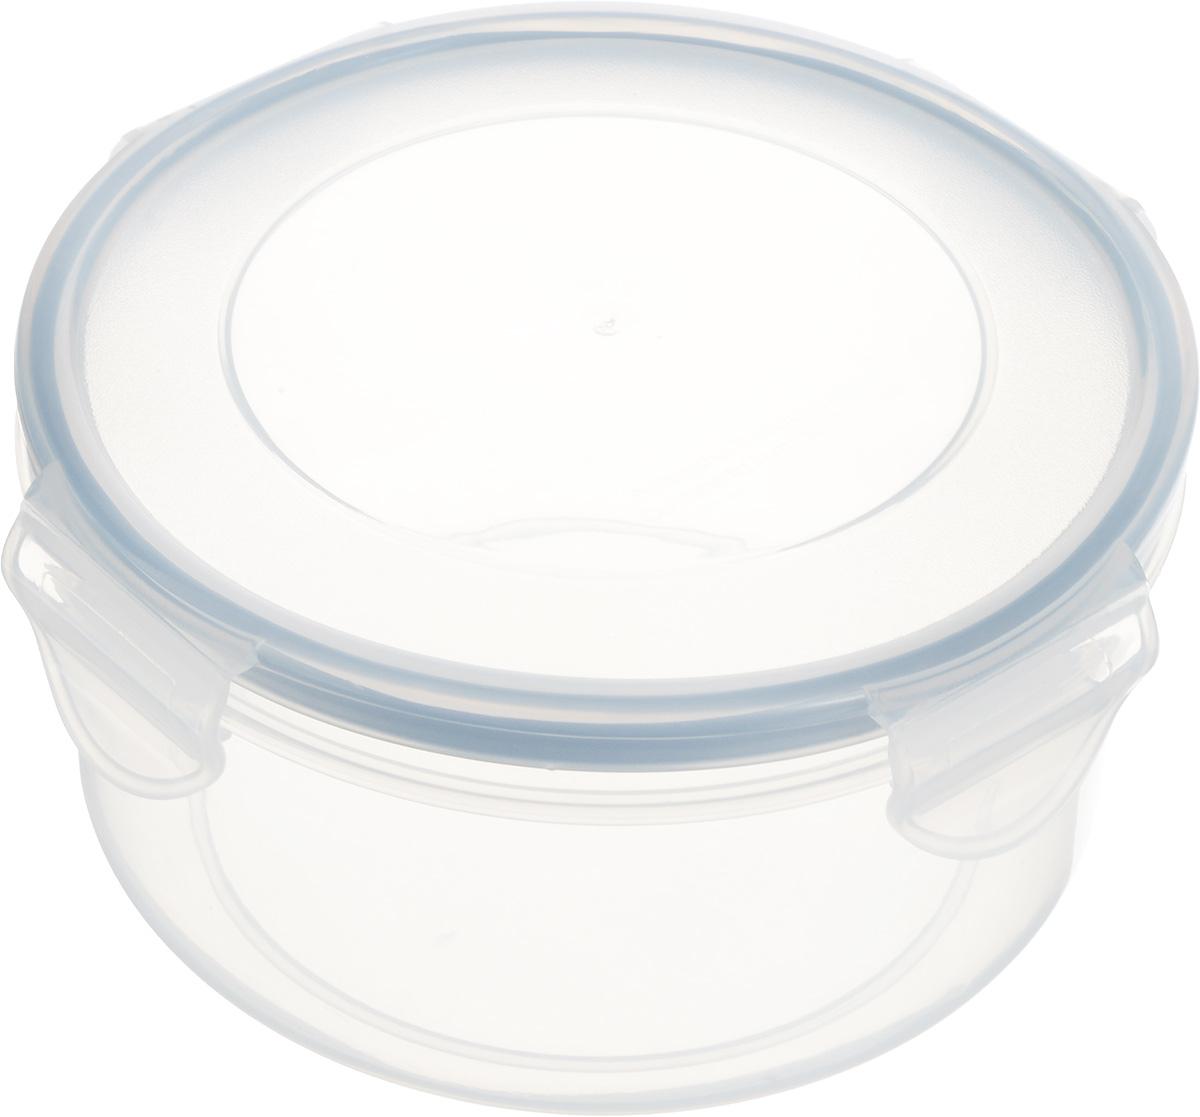 """Круглый контейнер Tescoma """"Freshbox"""" изготовлен из высококачественного пластика. Изделие  идеально подходит не только для хранения, но и для транспортировки пищи.  Контейнер имеет крышку, которая плотно закрывается на 4 защелки и оснащена специальной  силиконовой прослойкой, предотвращающей проникновение влаги и запахов.  Изделие подходит для домашнего использования, для пикников, поездок, отдыха на природе,  его можно взять с собой на работу или учебу.  Можно использовать в СВЧ-печах, холодильниках и морозильных камерах. Можно мыть в  посудомоечной машине. Диаметр контейнера (без учета крышки): 14 см.  Высота контейнера (без учета крышки): 7 см."""